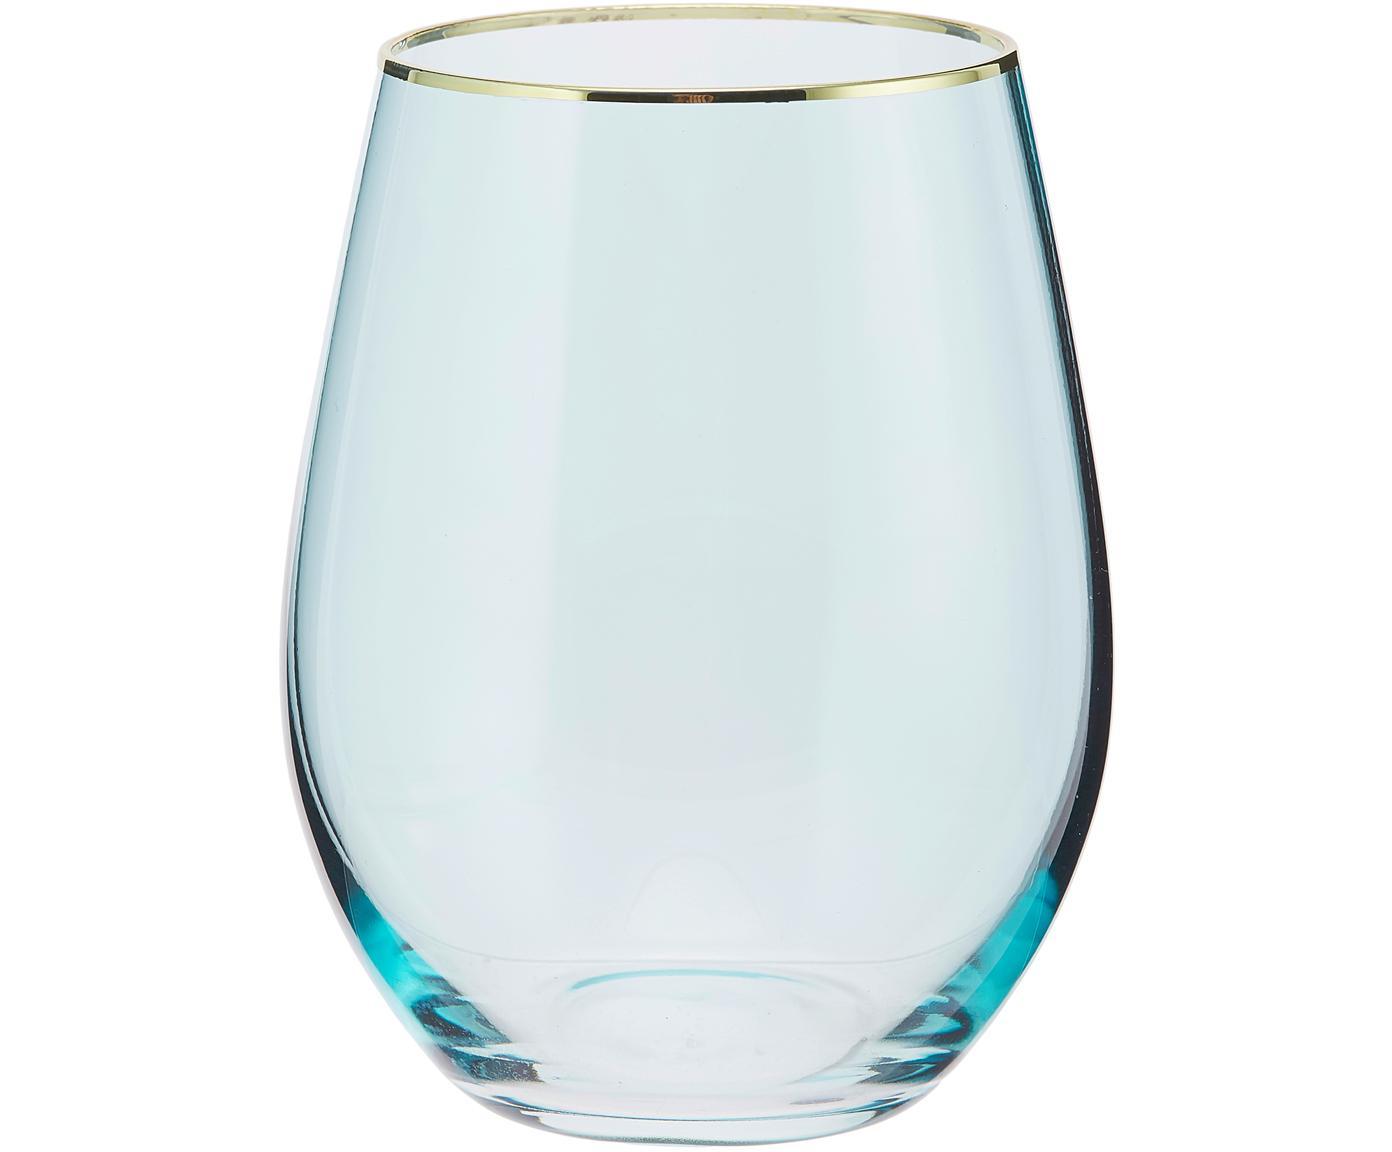 Bicchiere acqua con bordo dorato Chloe 4 pz, Vetro, Azzurro, dorato, Ø 9 x Alt. 12 cm